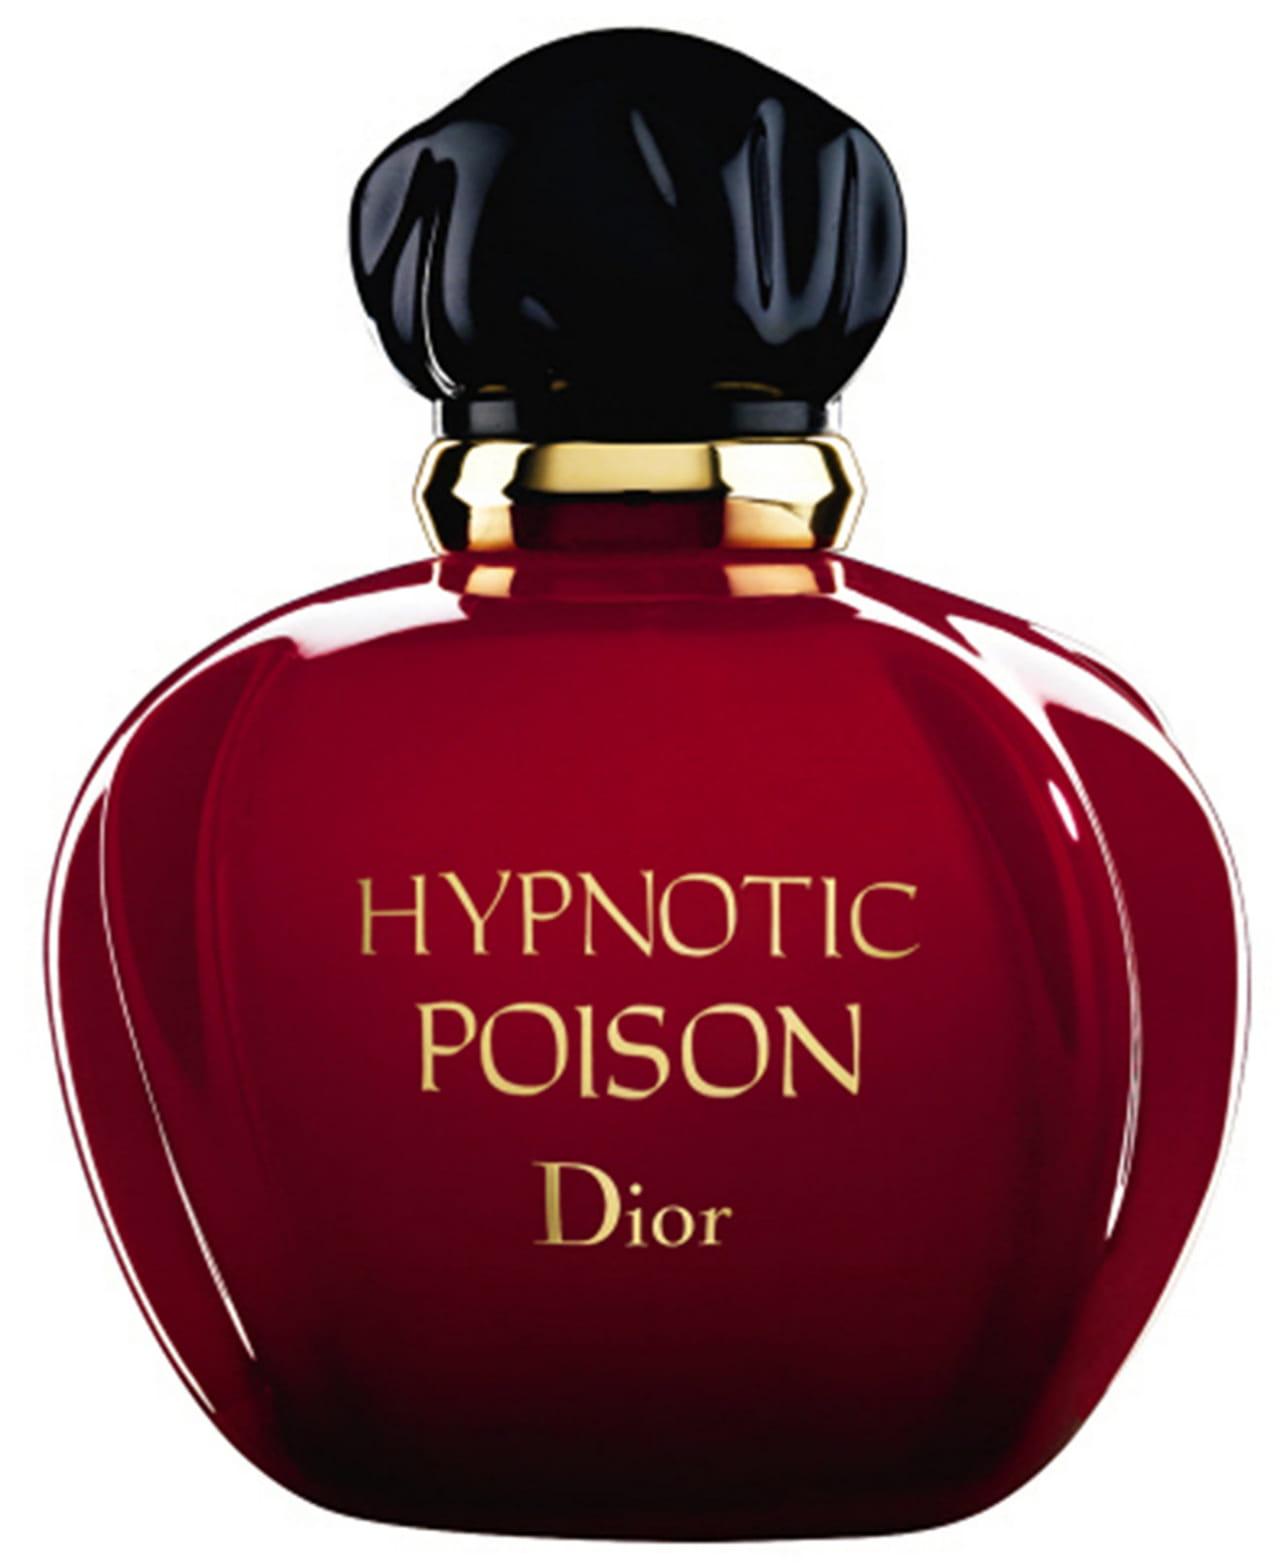 6f5b2b455 إن كنت تبحثين عن عطر غامض ومثير، فهو خيارك الأول من Dior. فهو عطر رائع  يعطيكي تناقض غريب مع رائحة اللوز المر، الياسمين، القرفة والفانيلا.